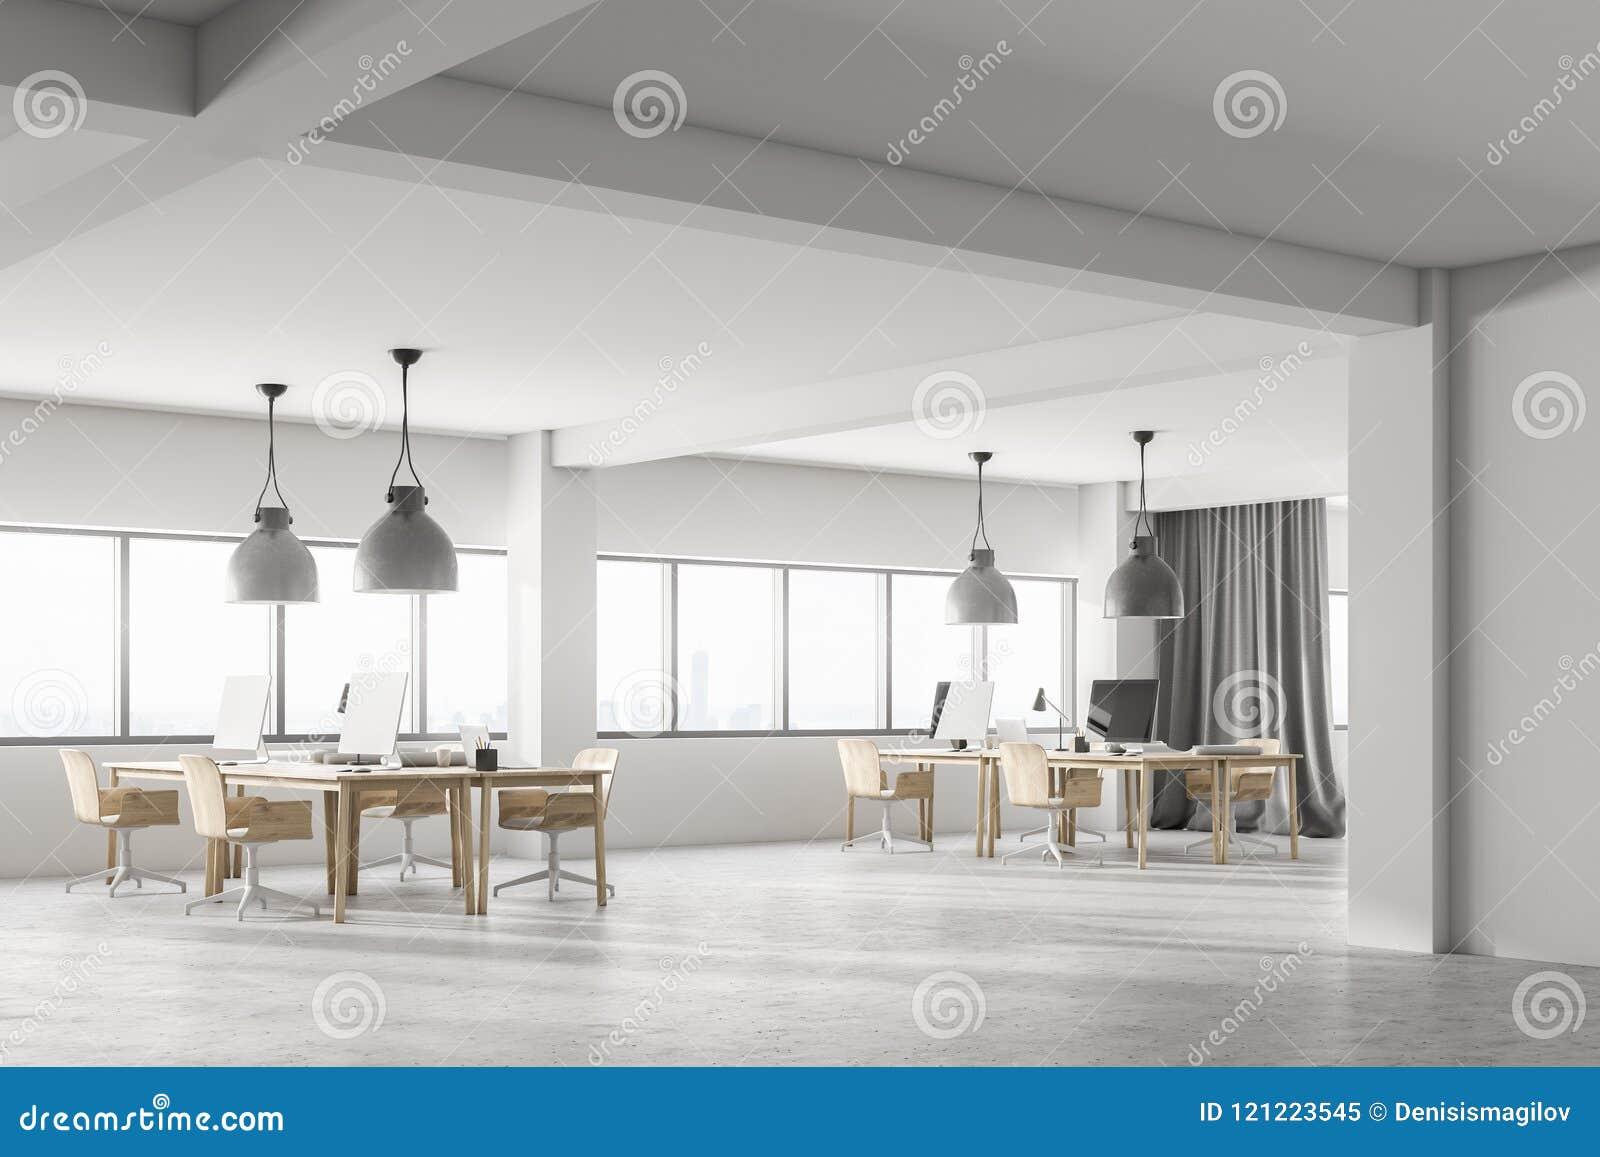 Bureau de luxe blanc de l espace ouvert intérieur vue de côté